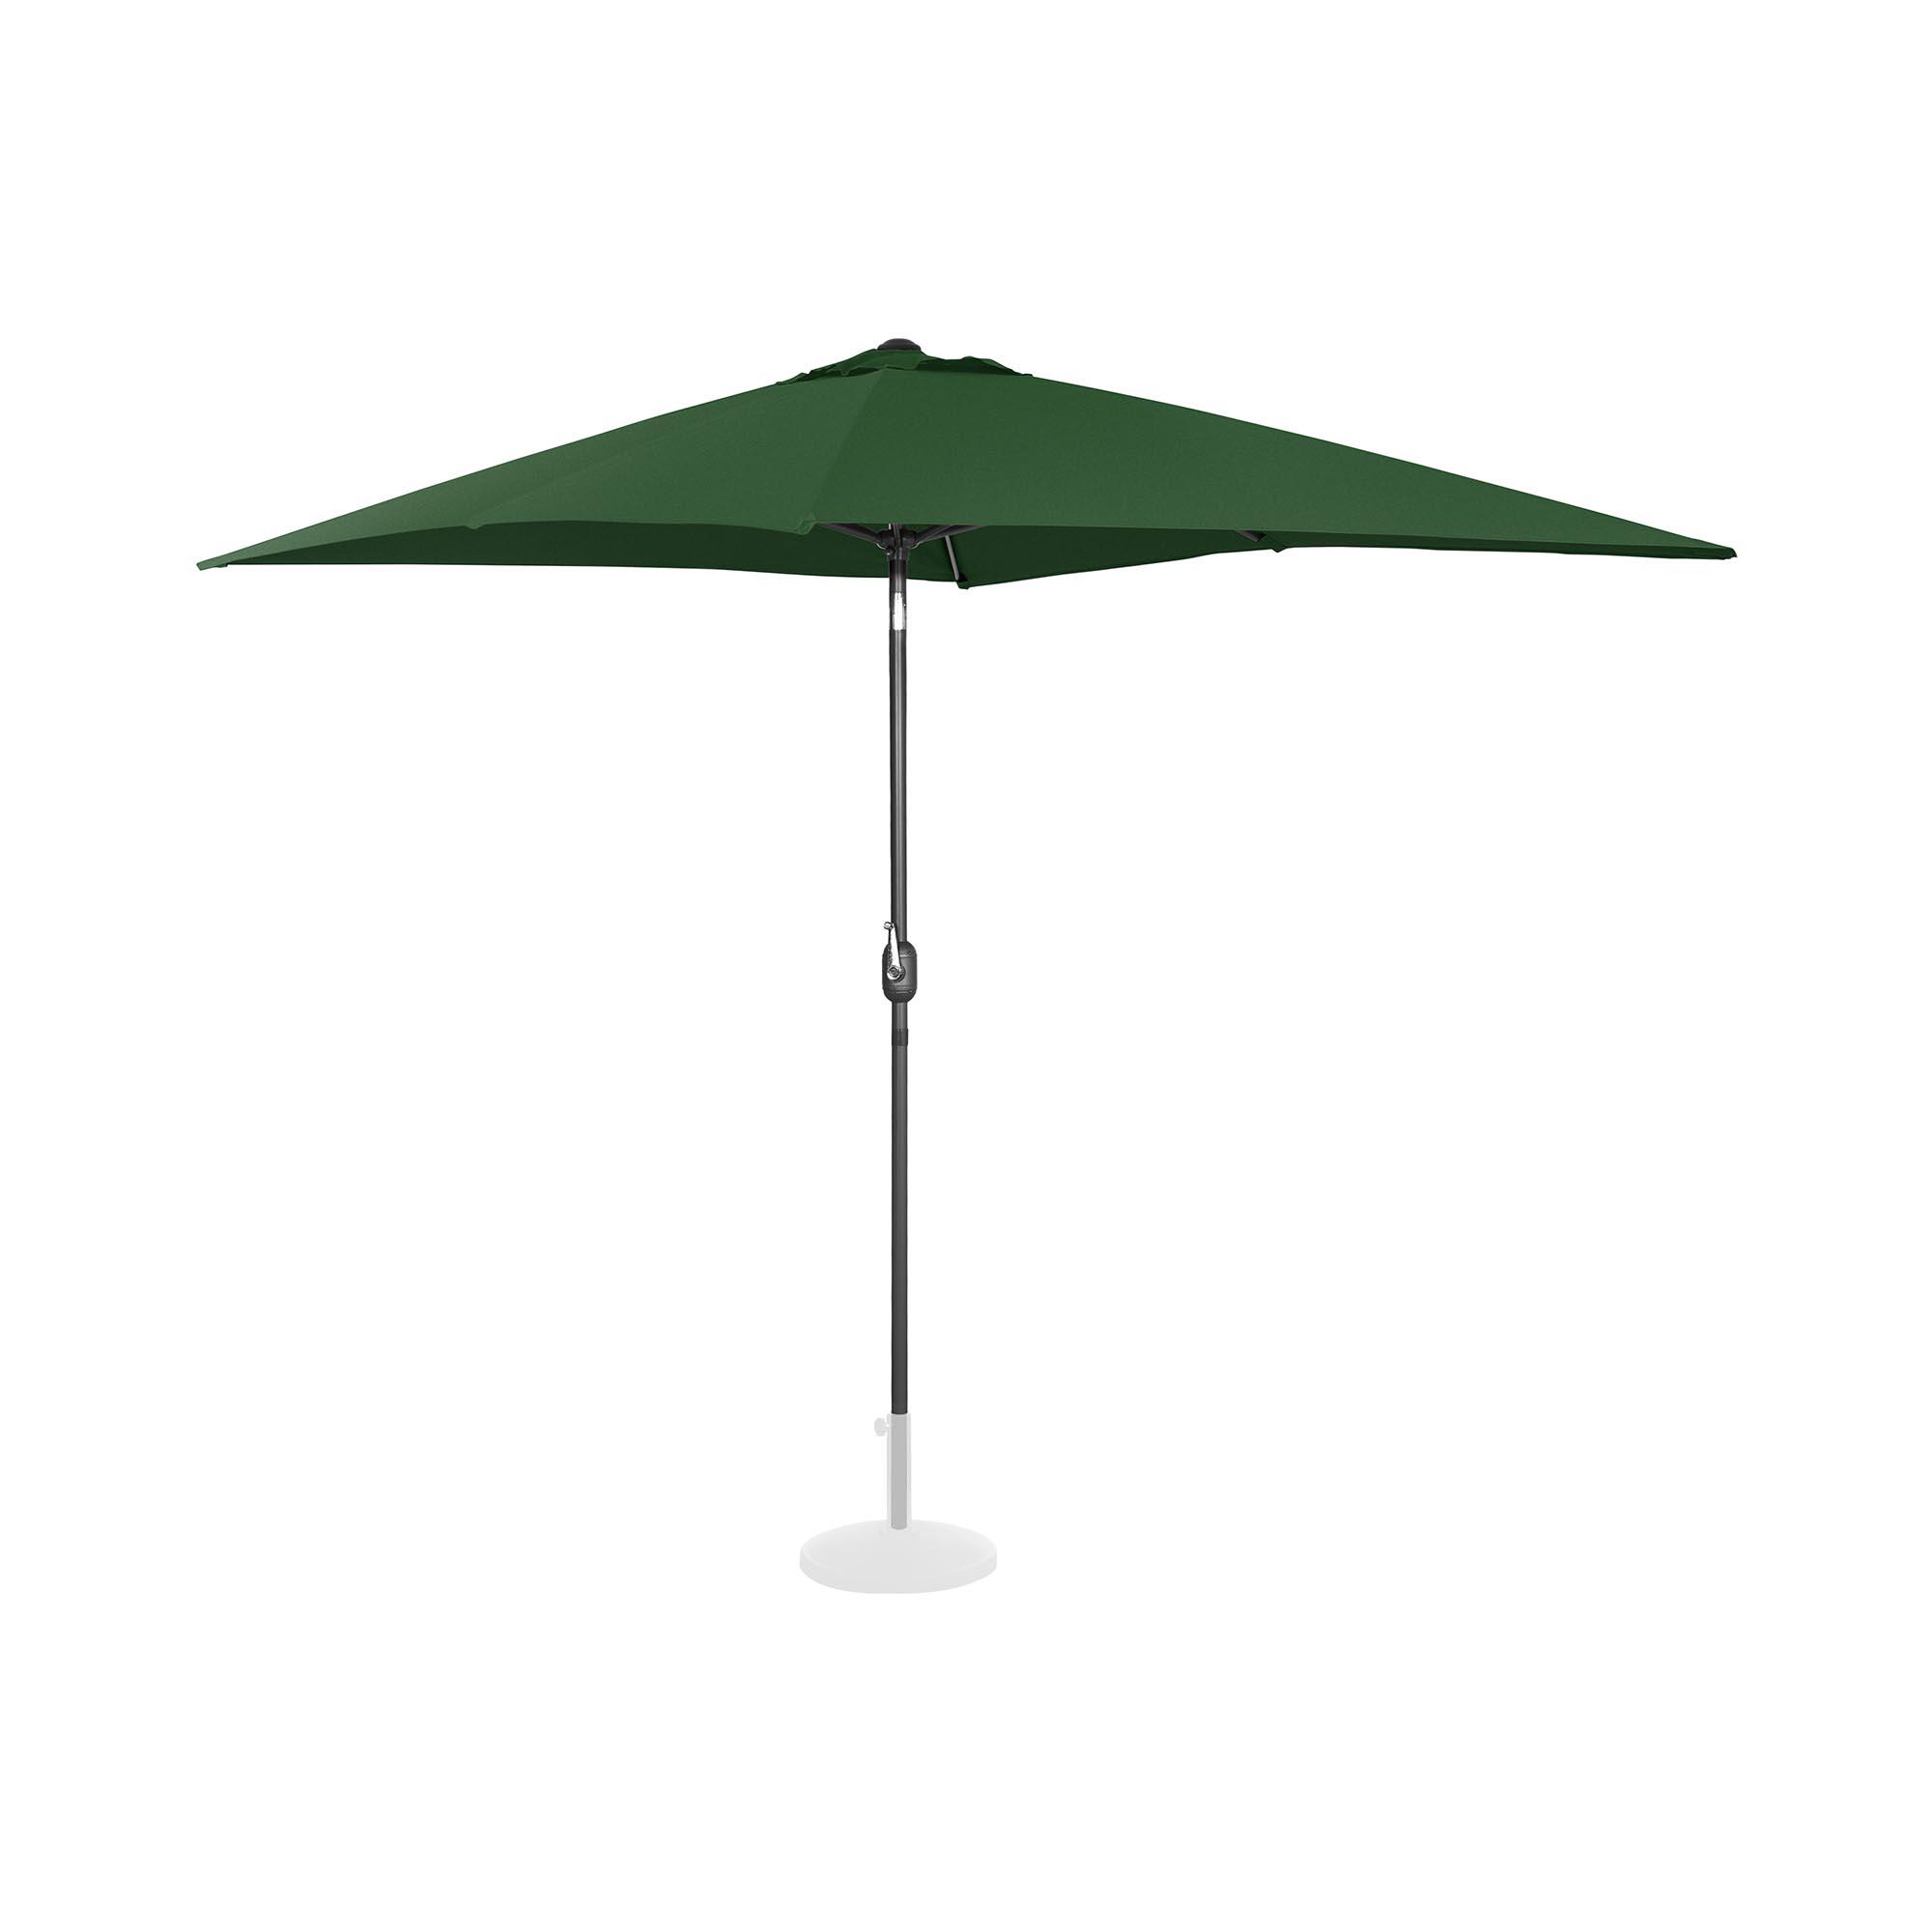 Uniprodo Sonnenschirm groß - grün - rechteckig - 200 x 300 cm - neigbar 10250133